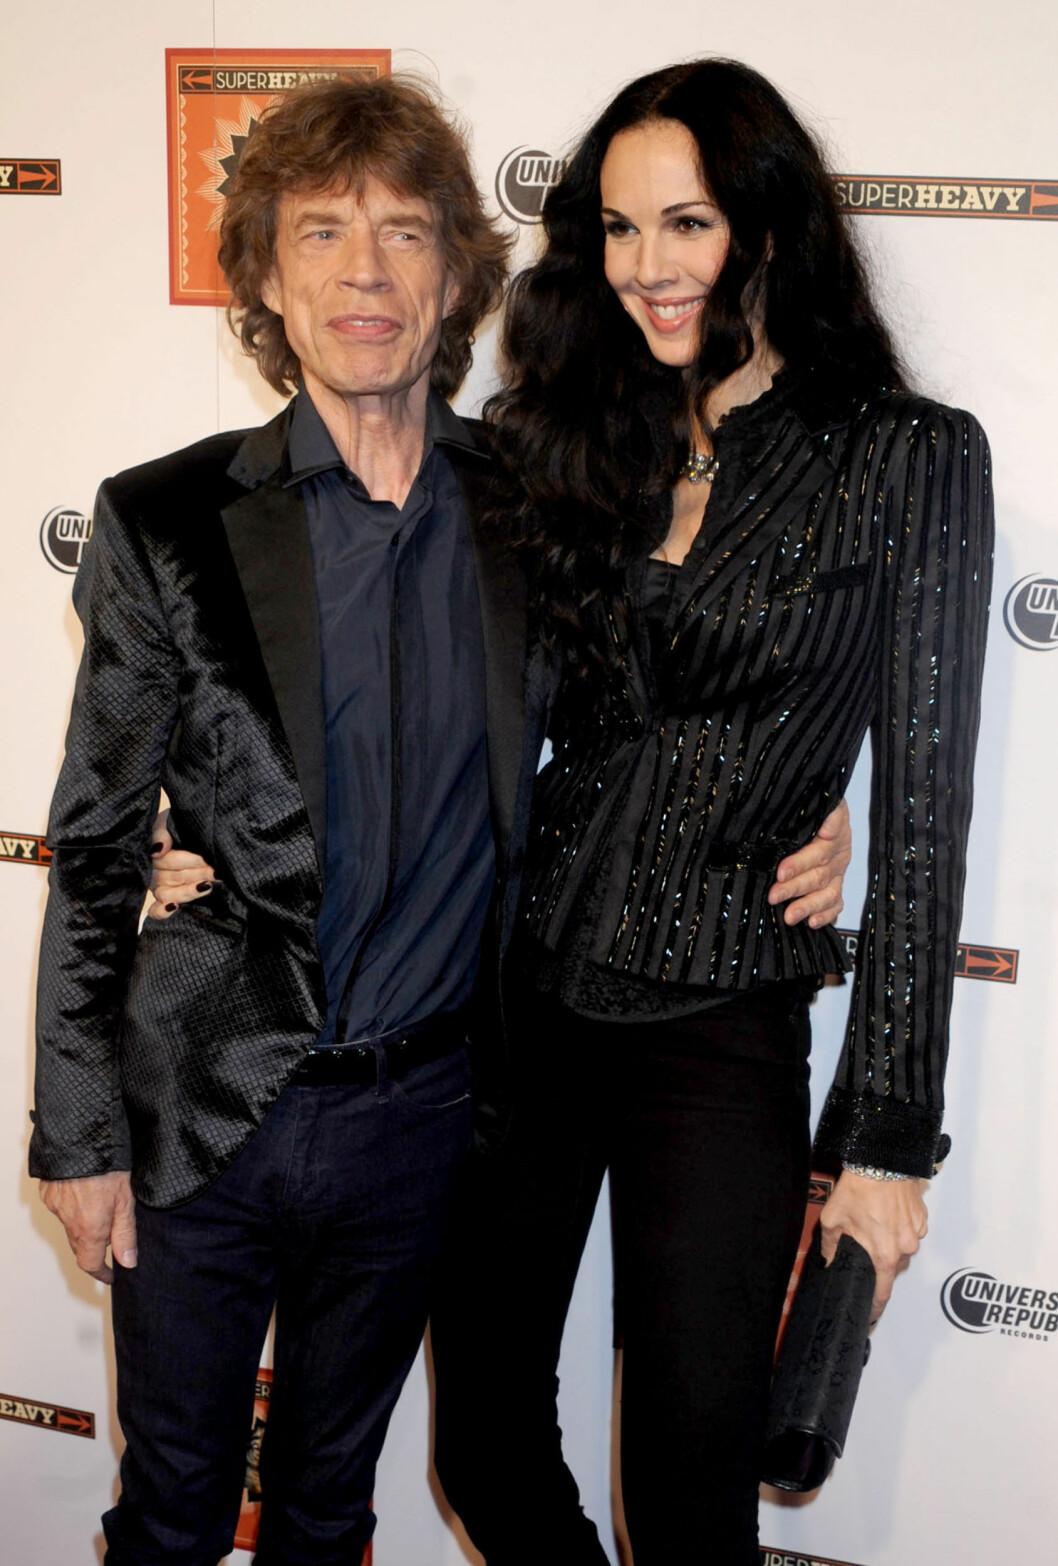 SAMMEN I 13 ÅR: Det tragiske dødsfallet til Jaggers kjæreste L'Wren Scott har gått hardt innpå mange. Foto: All Over Press